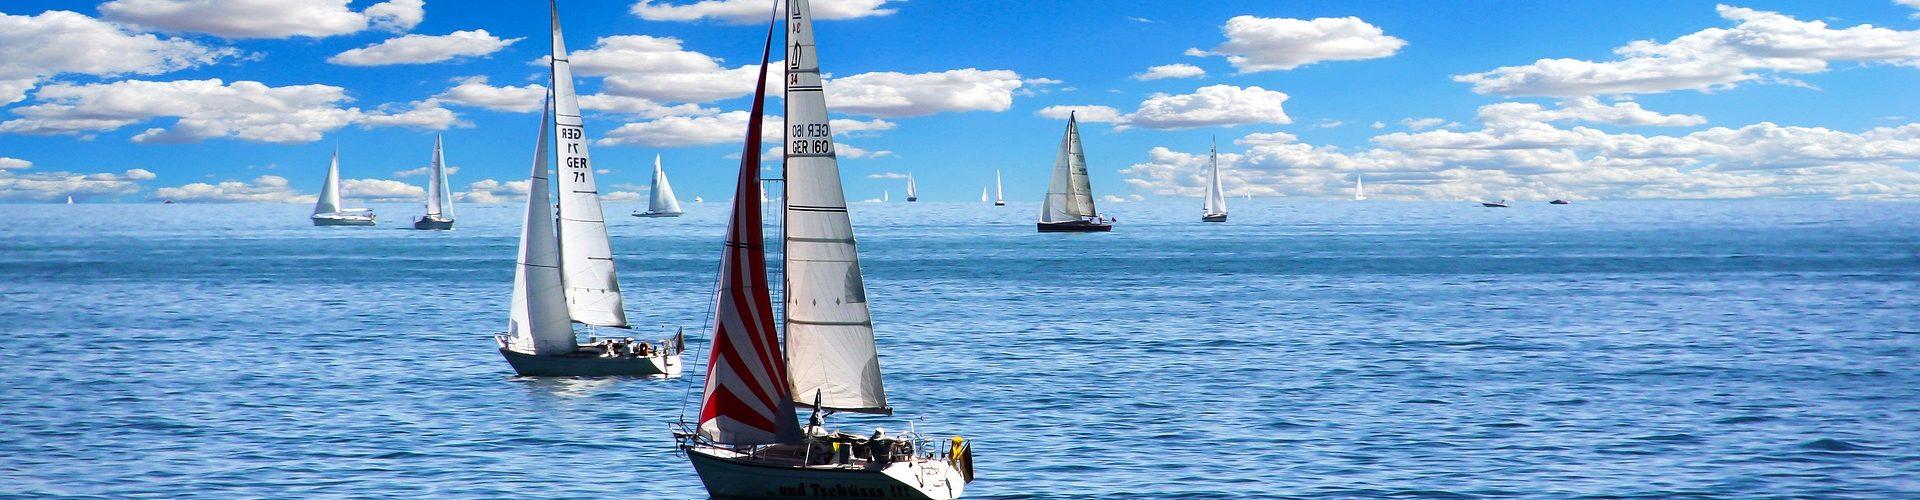 segeln lernen in Schwanau segelschein machen in Schwanau 1920x500 - Segeln lernen in Schwanau